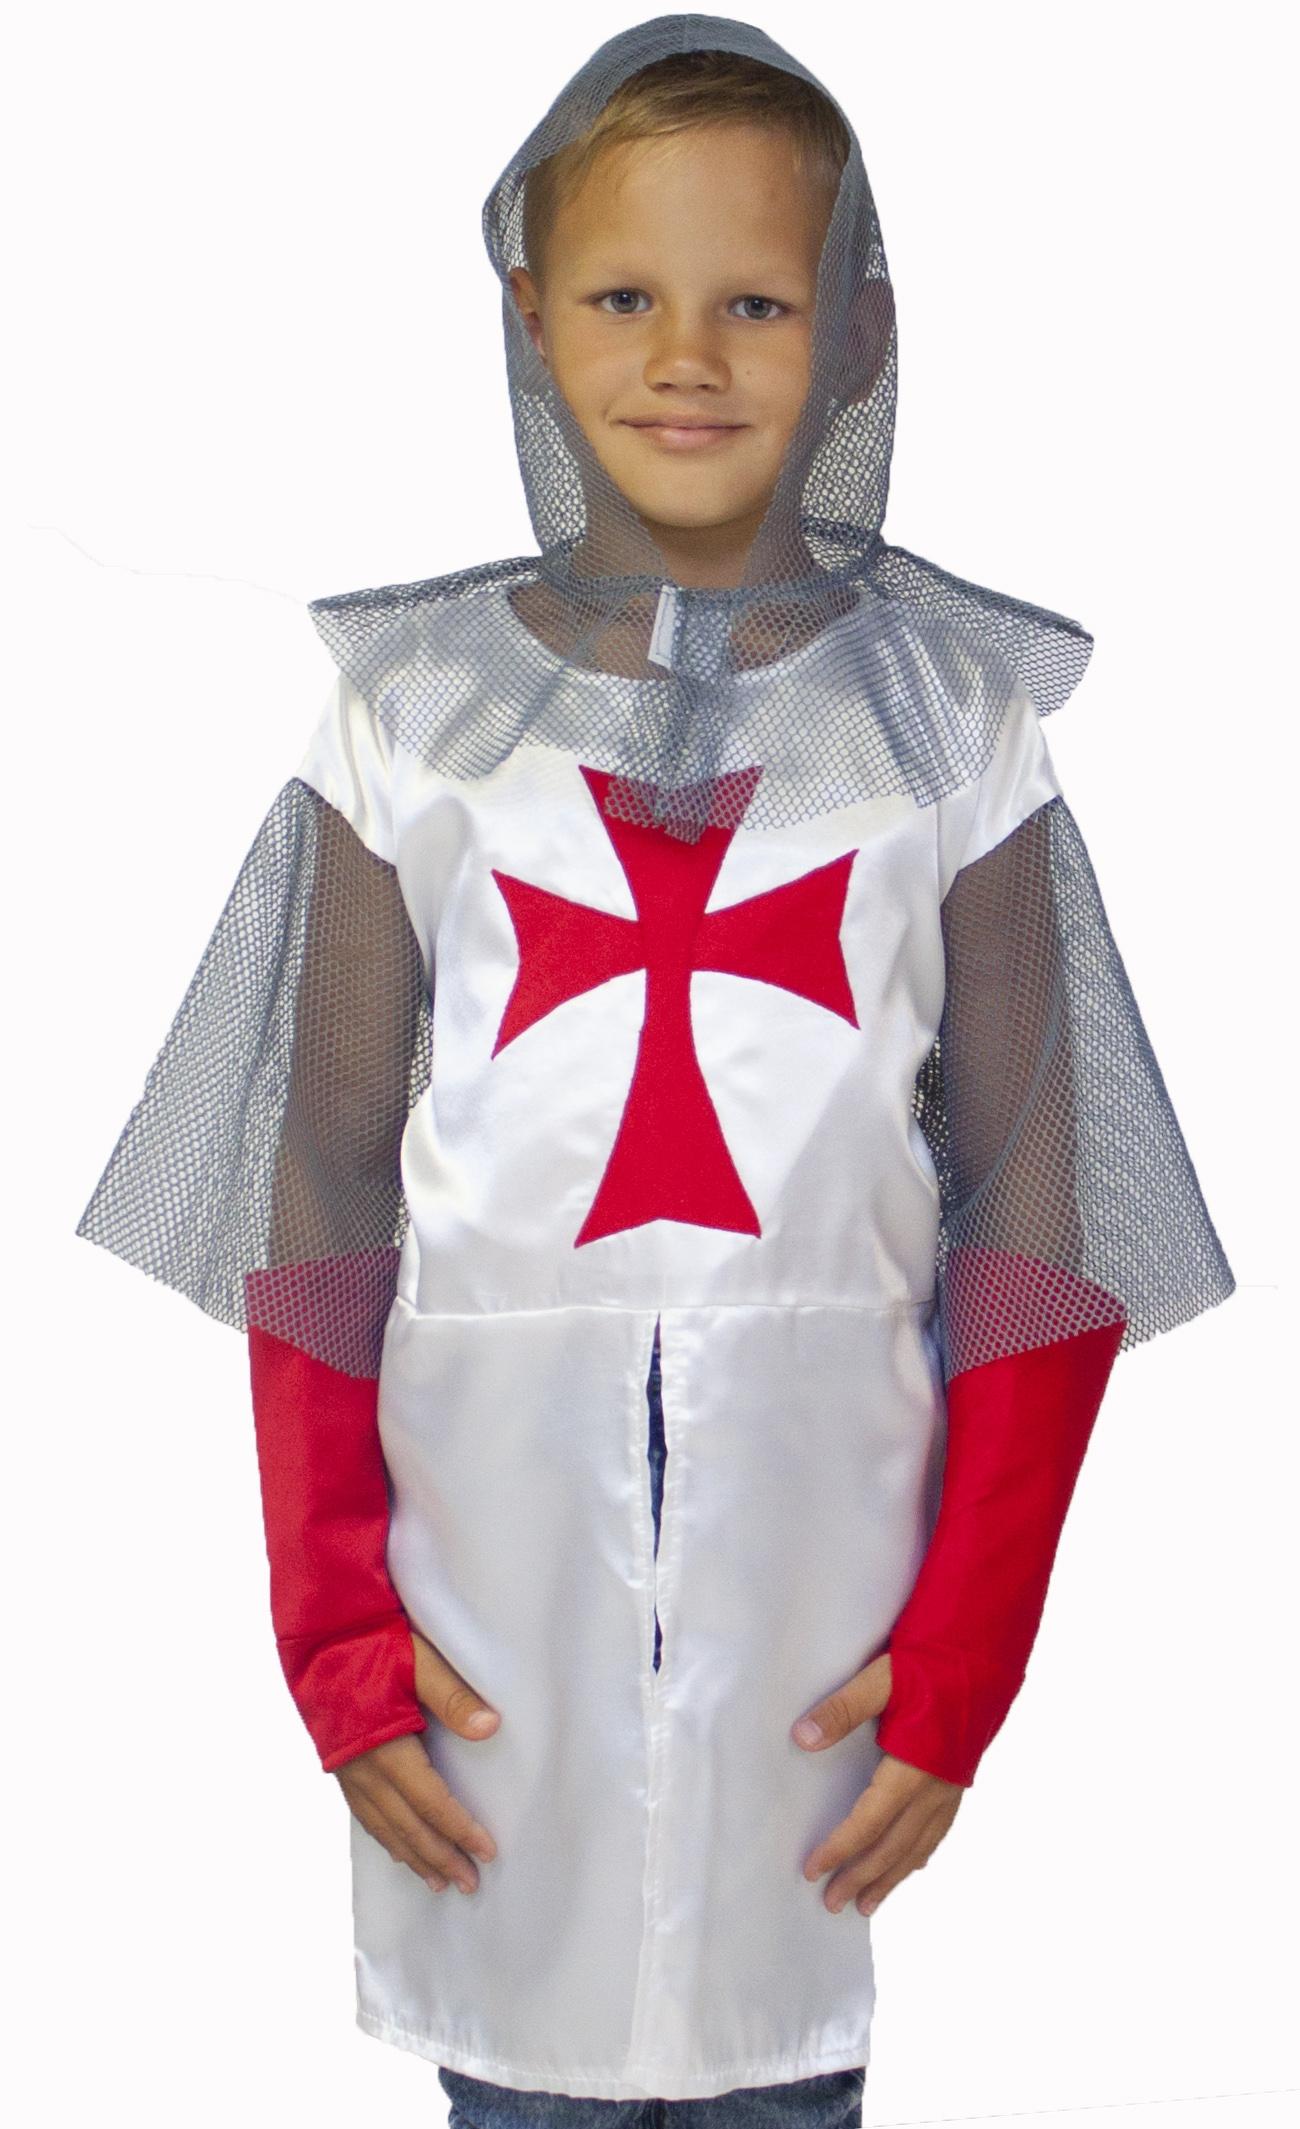 Детский костюм Рыцаря Ланселота (36-38) костюм доблестного рыцаря 50 52